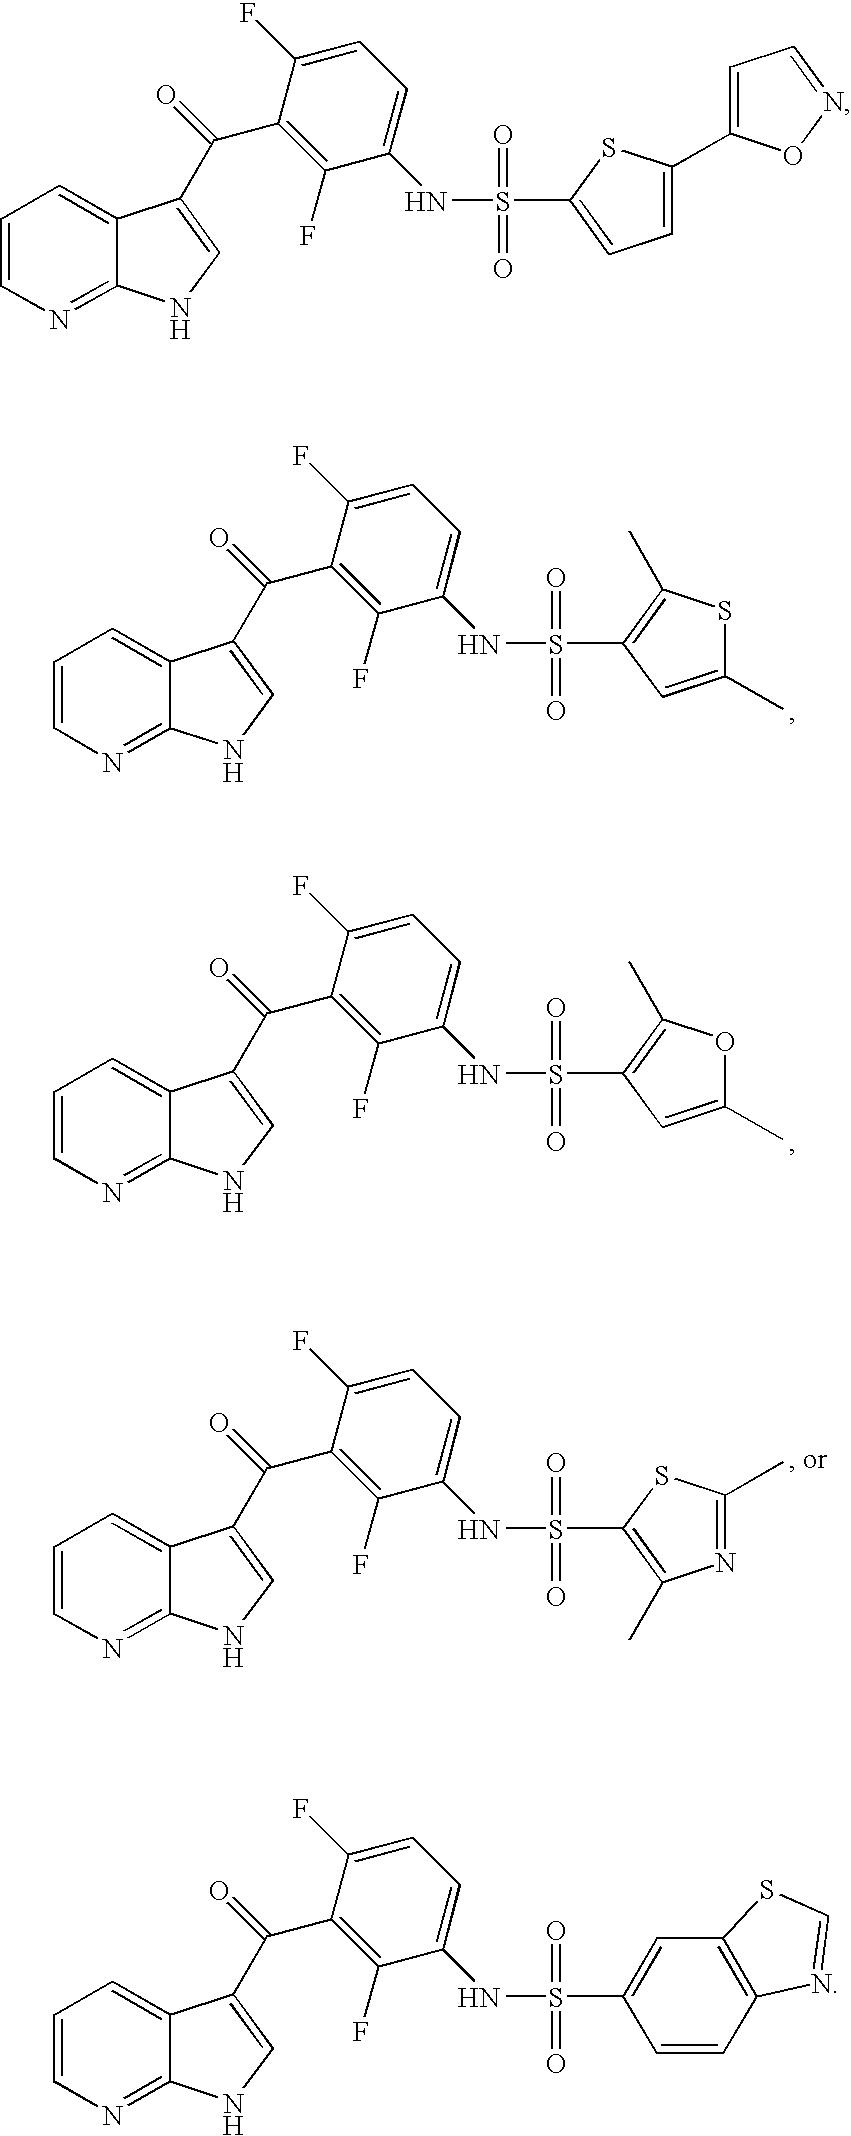 Figure US20080167338A1-20080710-C00181